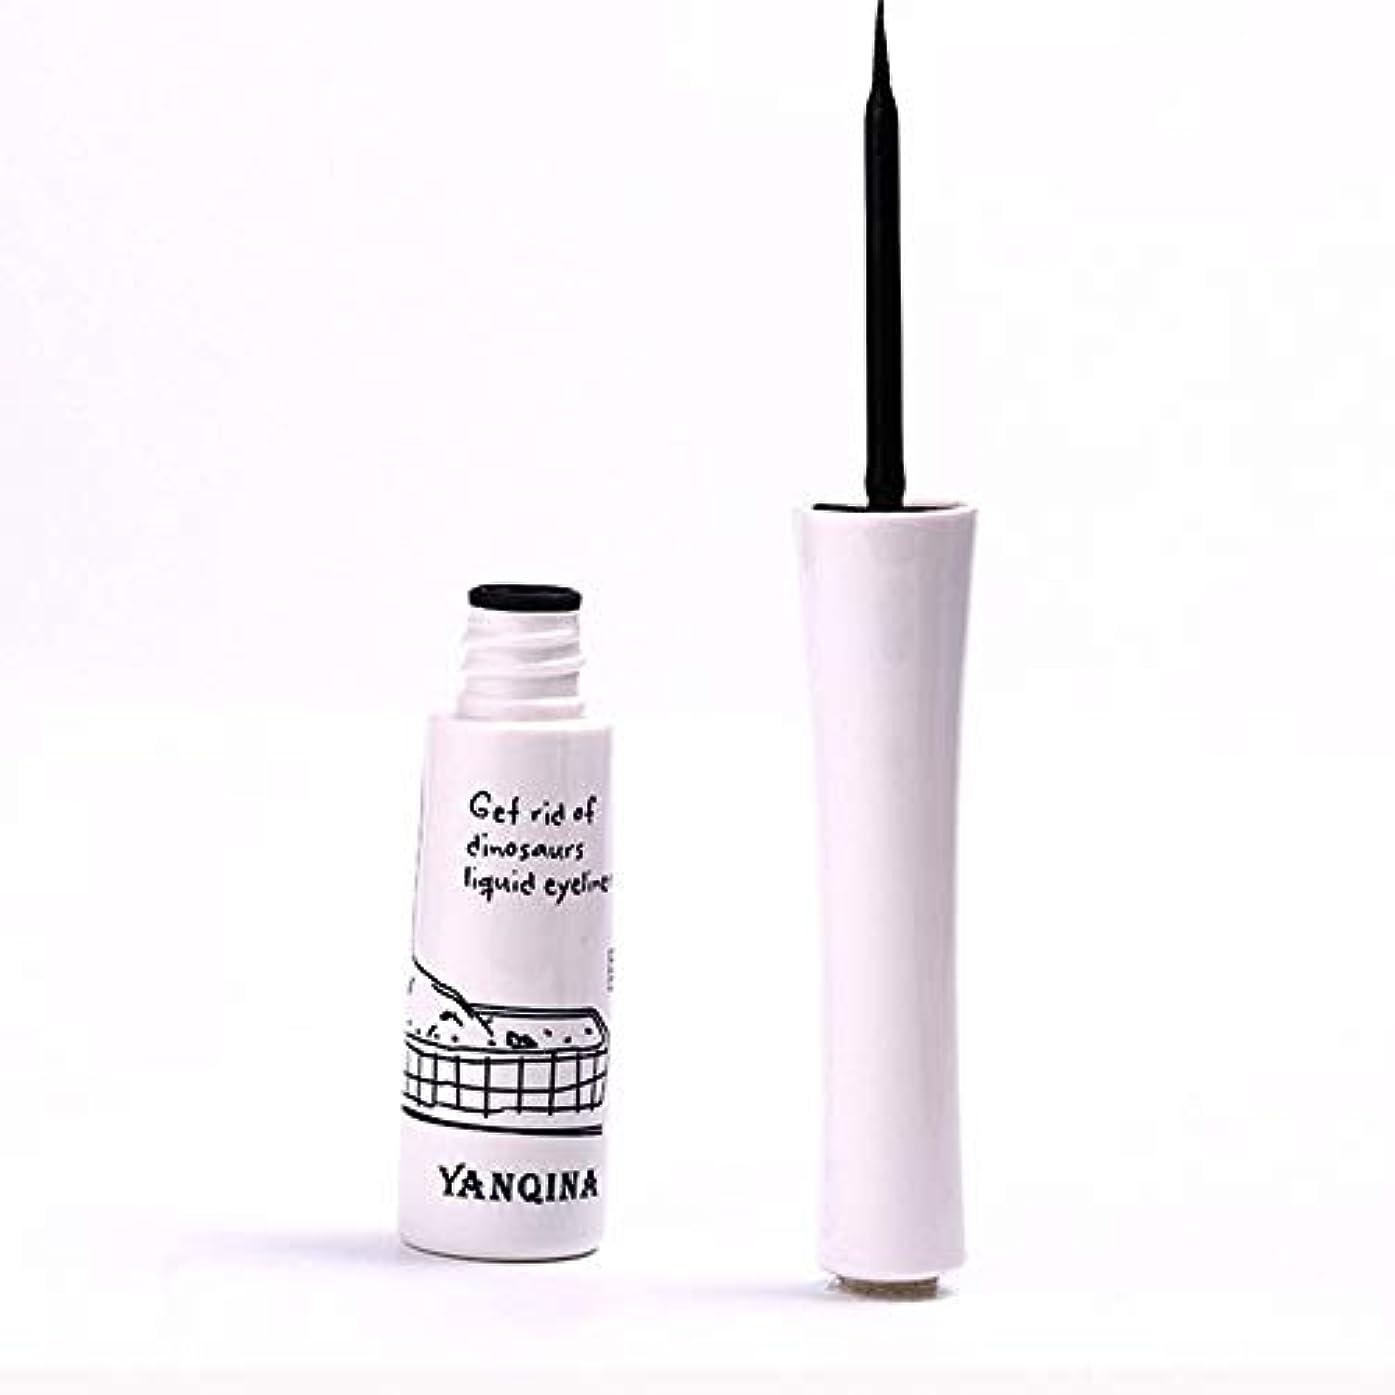 祝う潜在的な崩壊黒いアイライナーの防水液体のアイライナーの鉛筆のペンは特徴を構成します